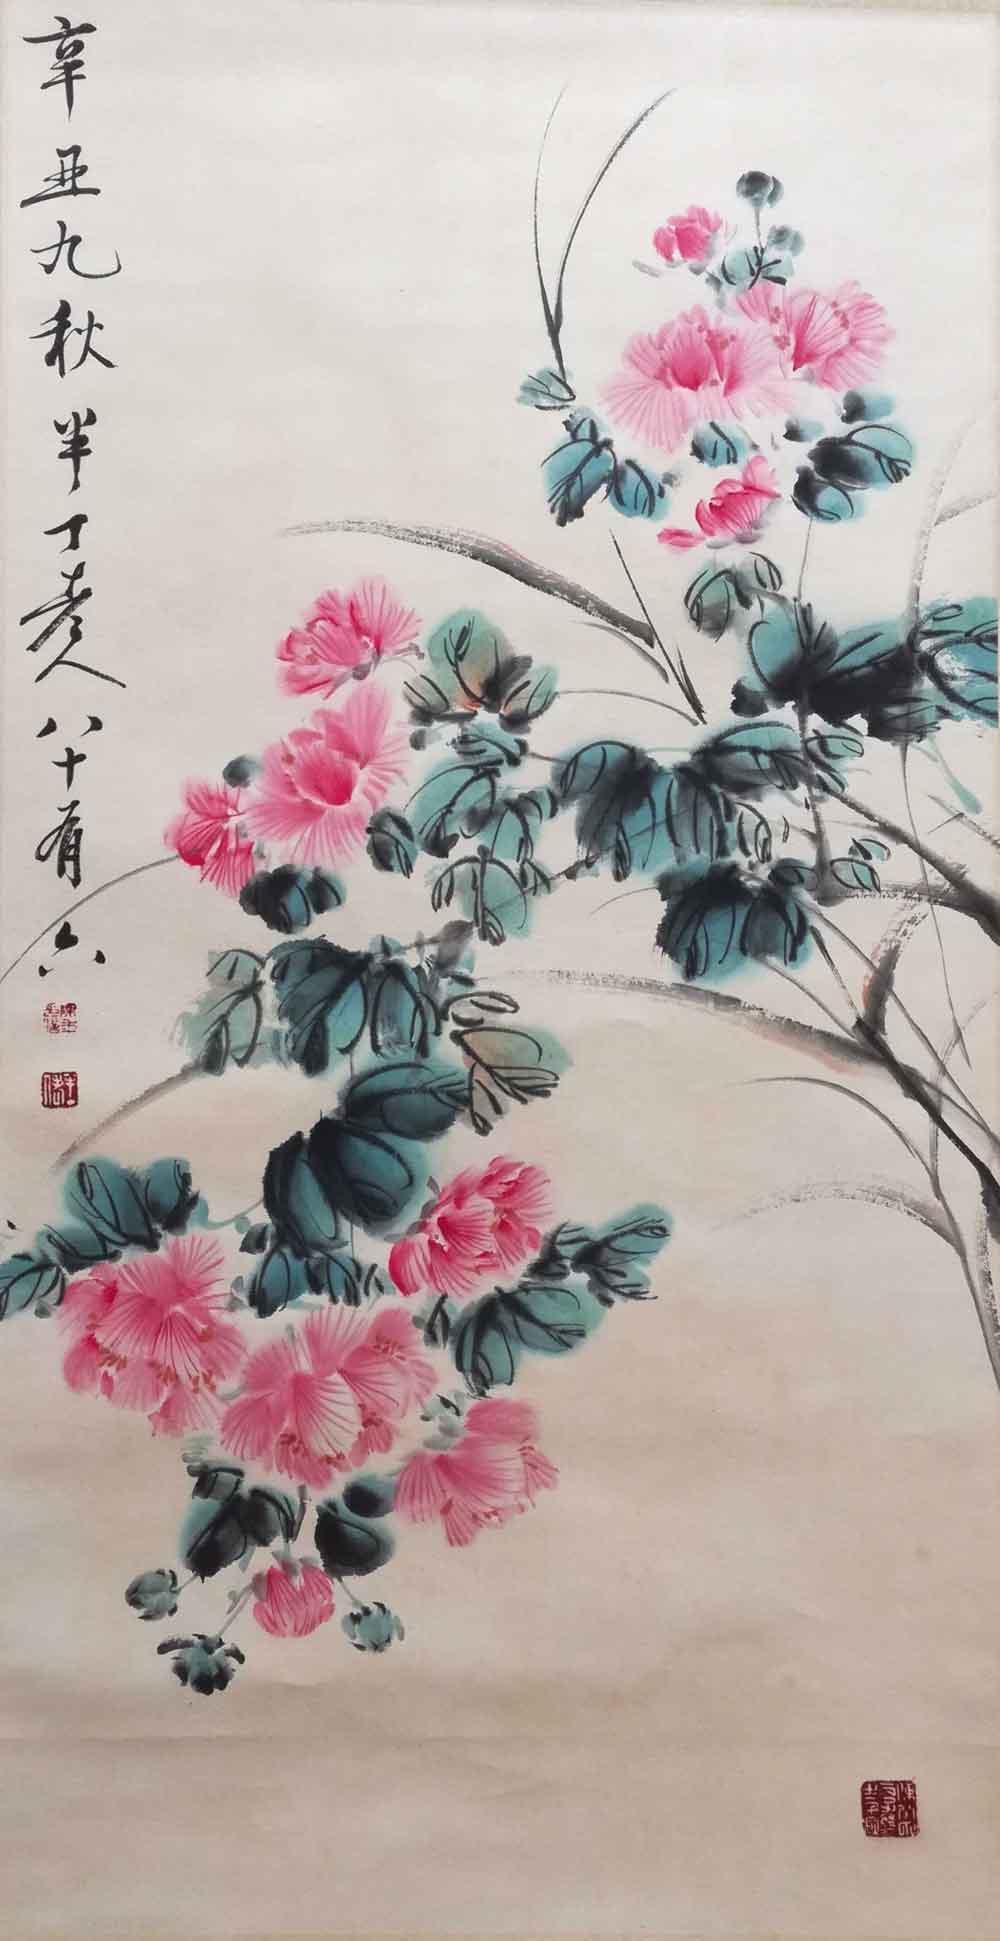 陈半丁写意花卉作品《芙蓉花》